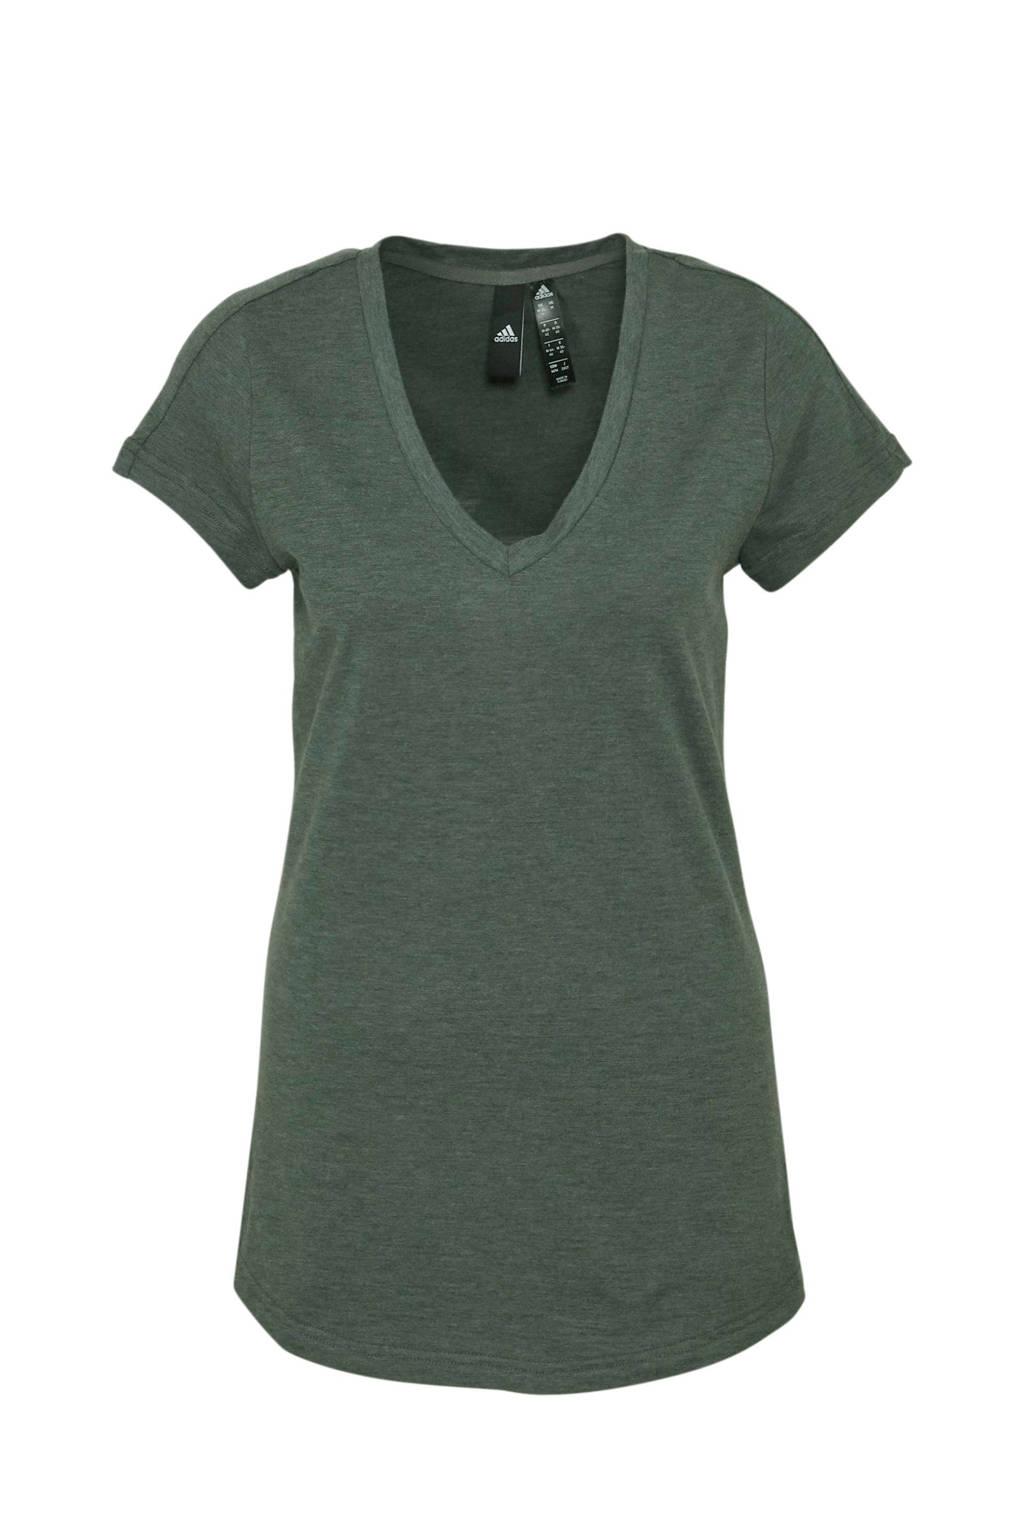 adidas performance sport T-shirt groen, Groen/grijs